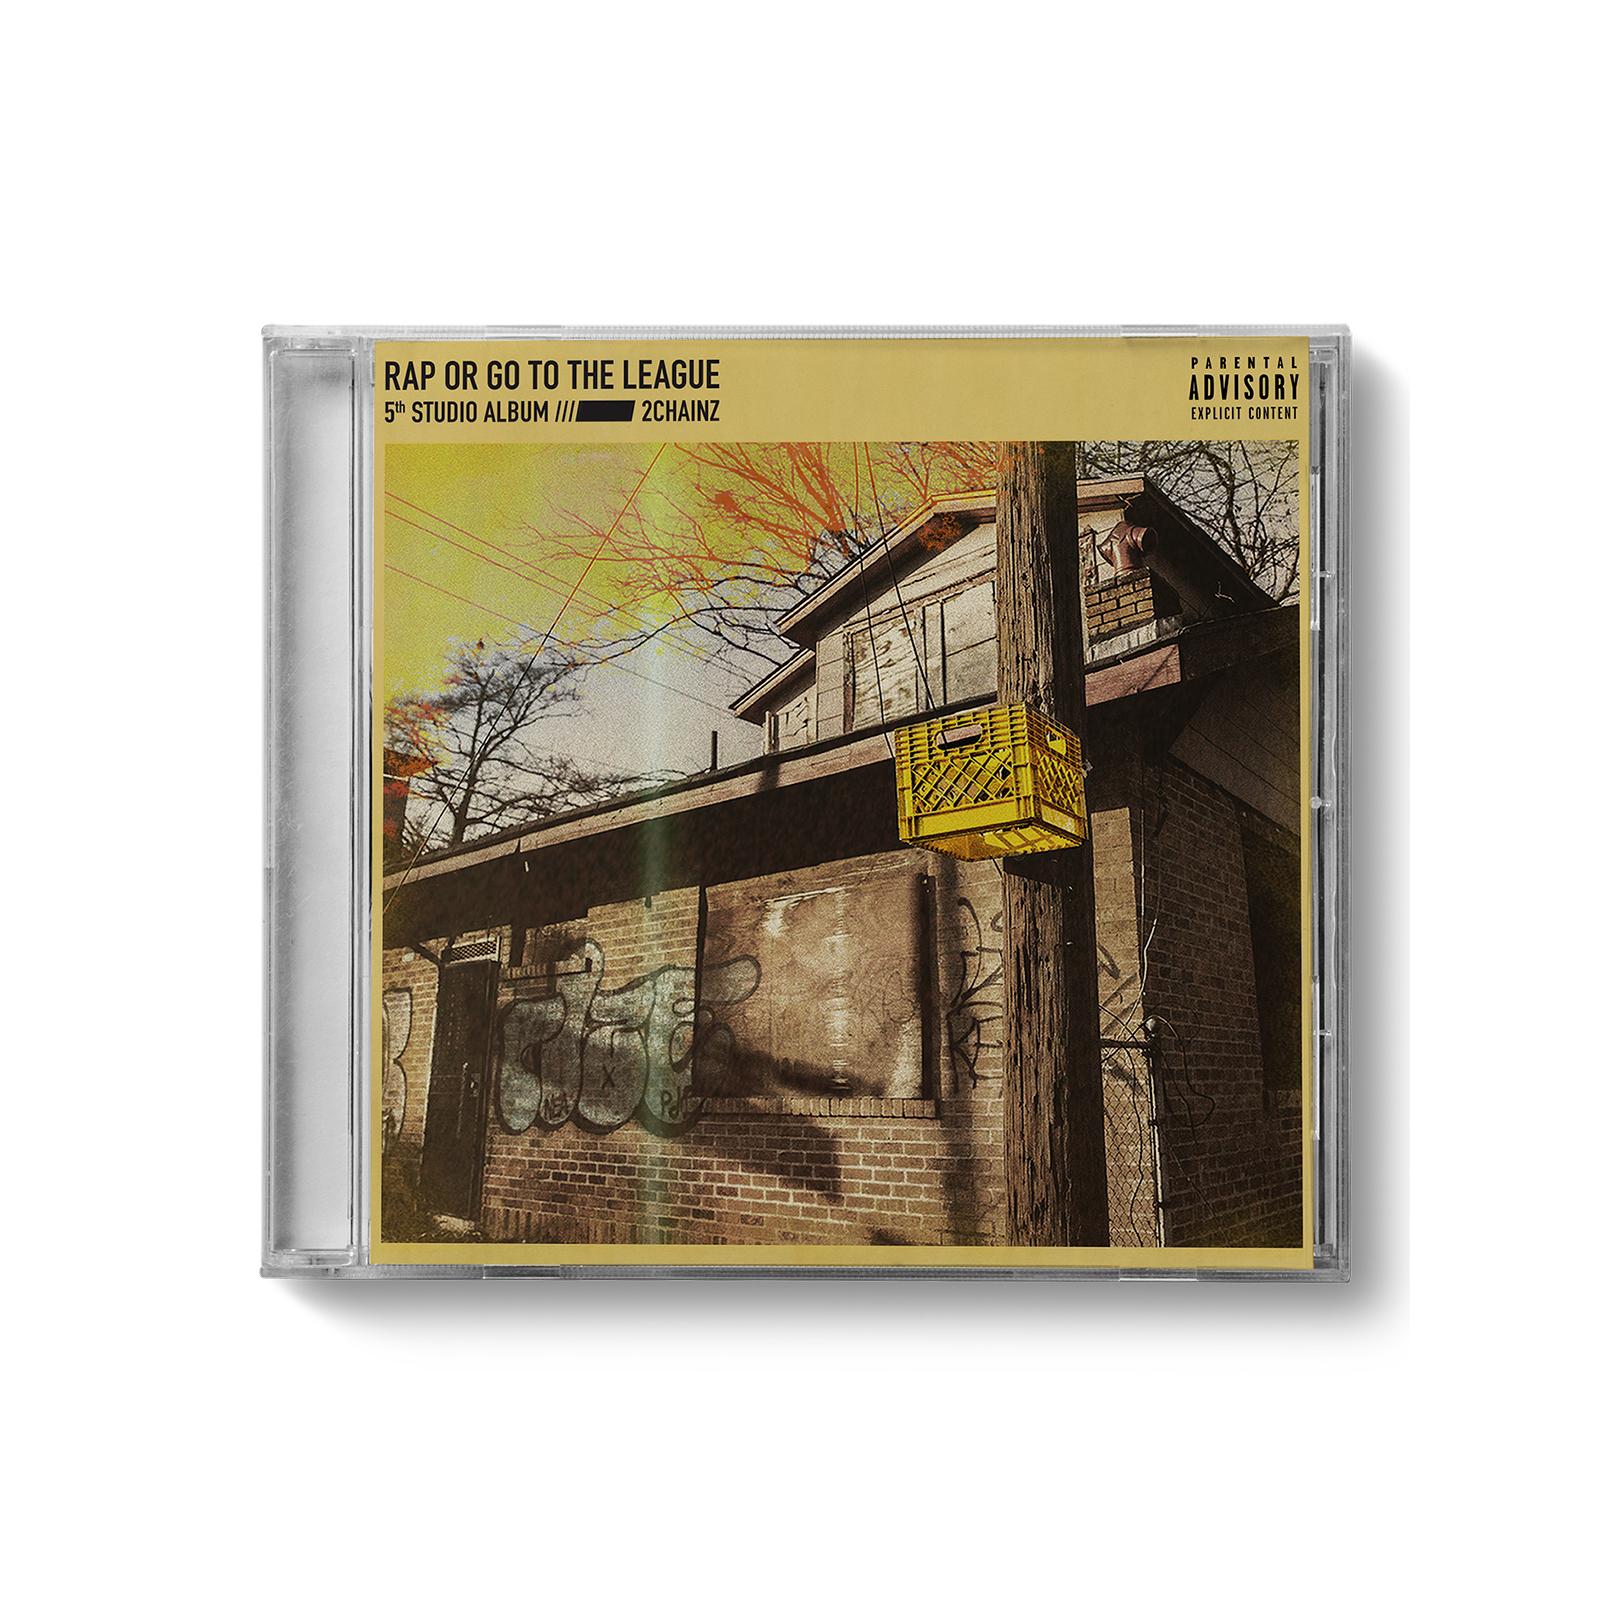 ROGTTL CD